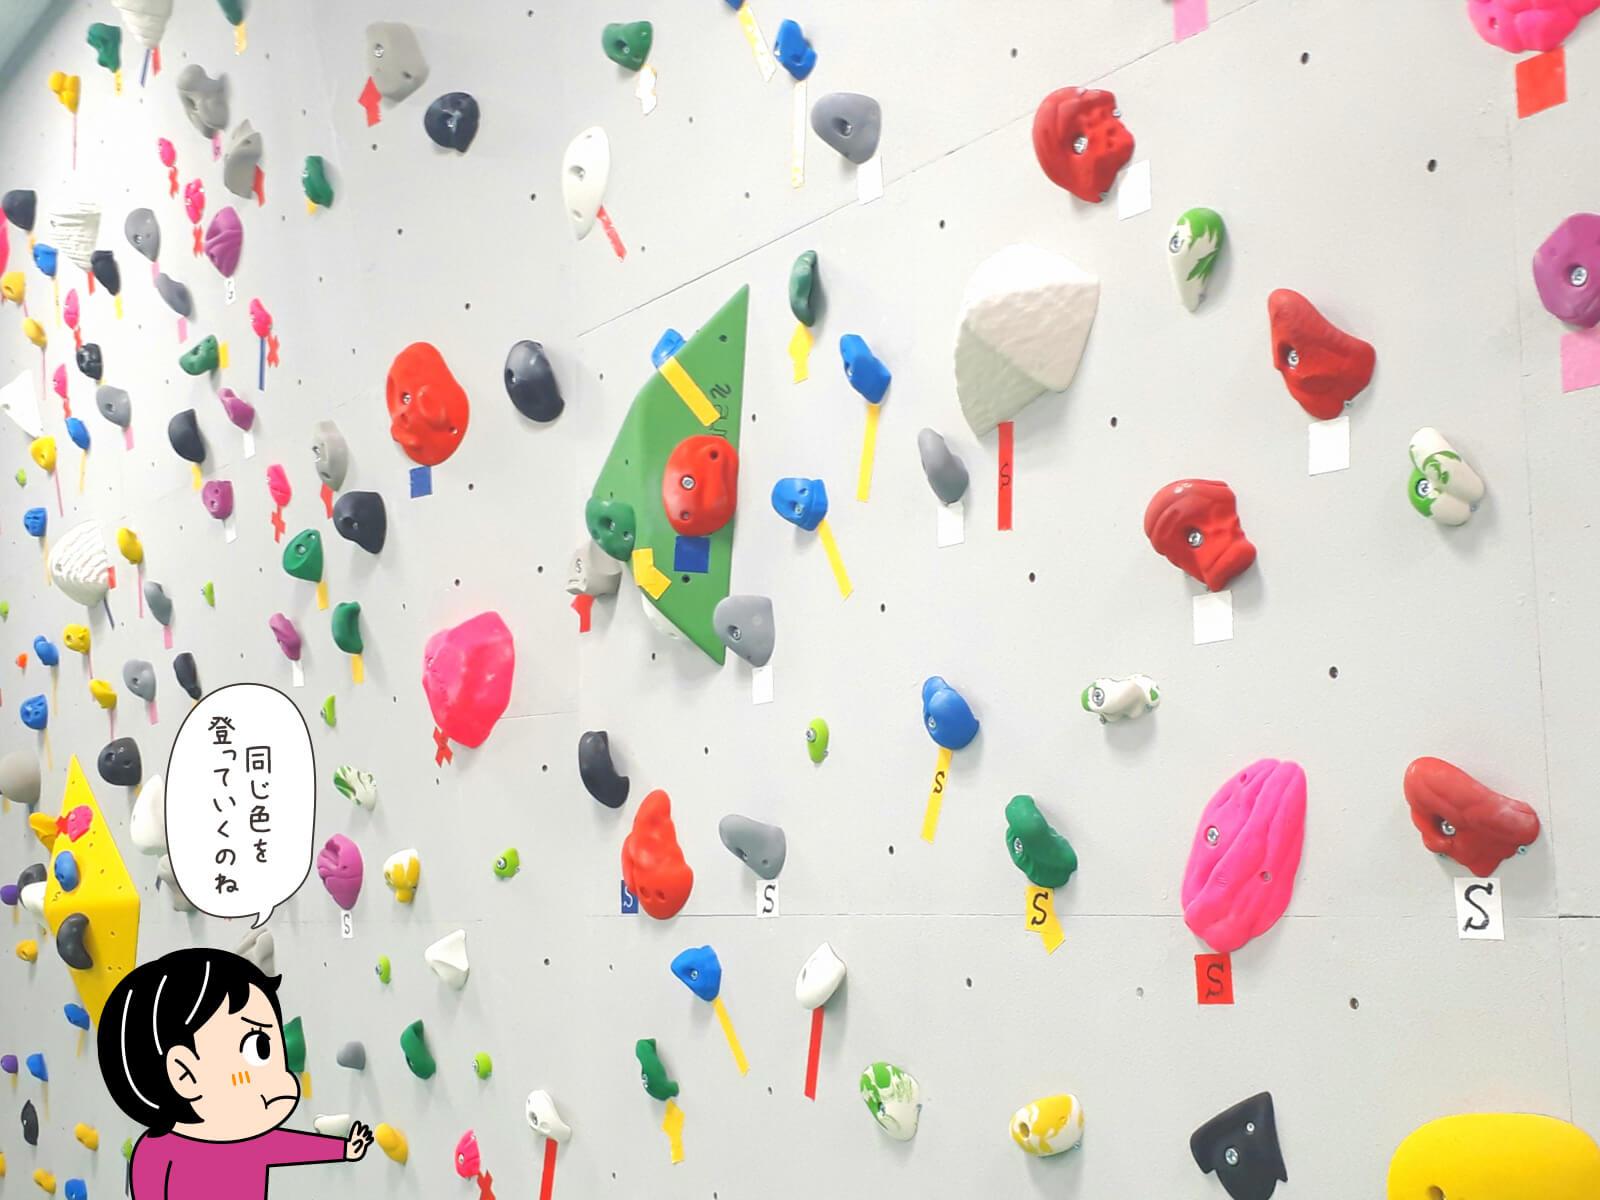 登山用語ボルダリングに関する写真